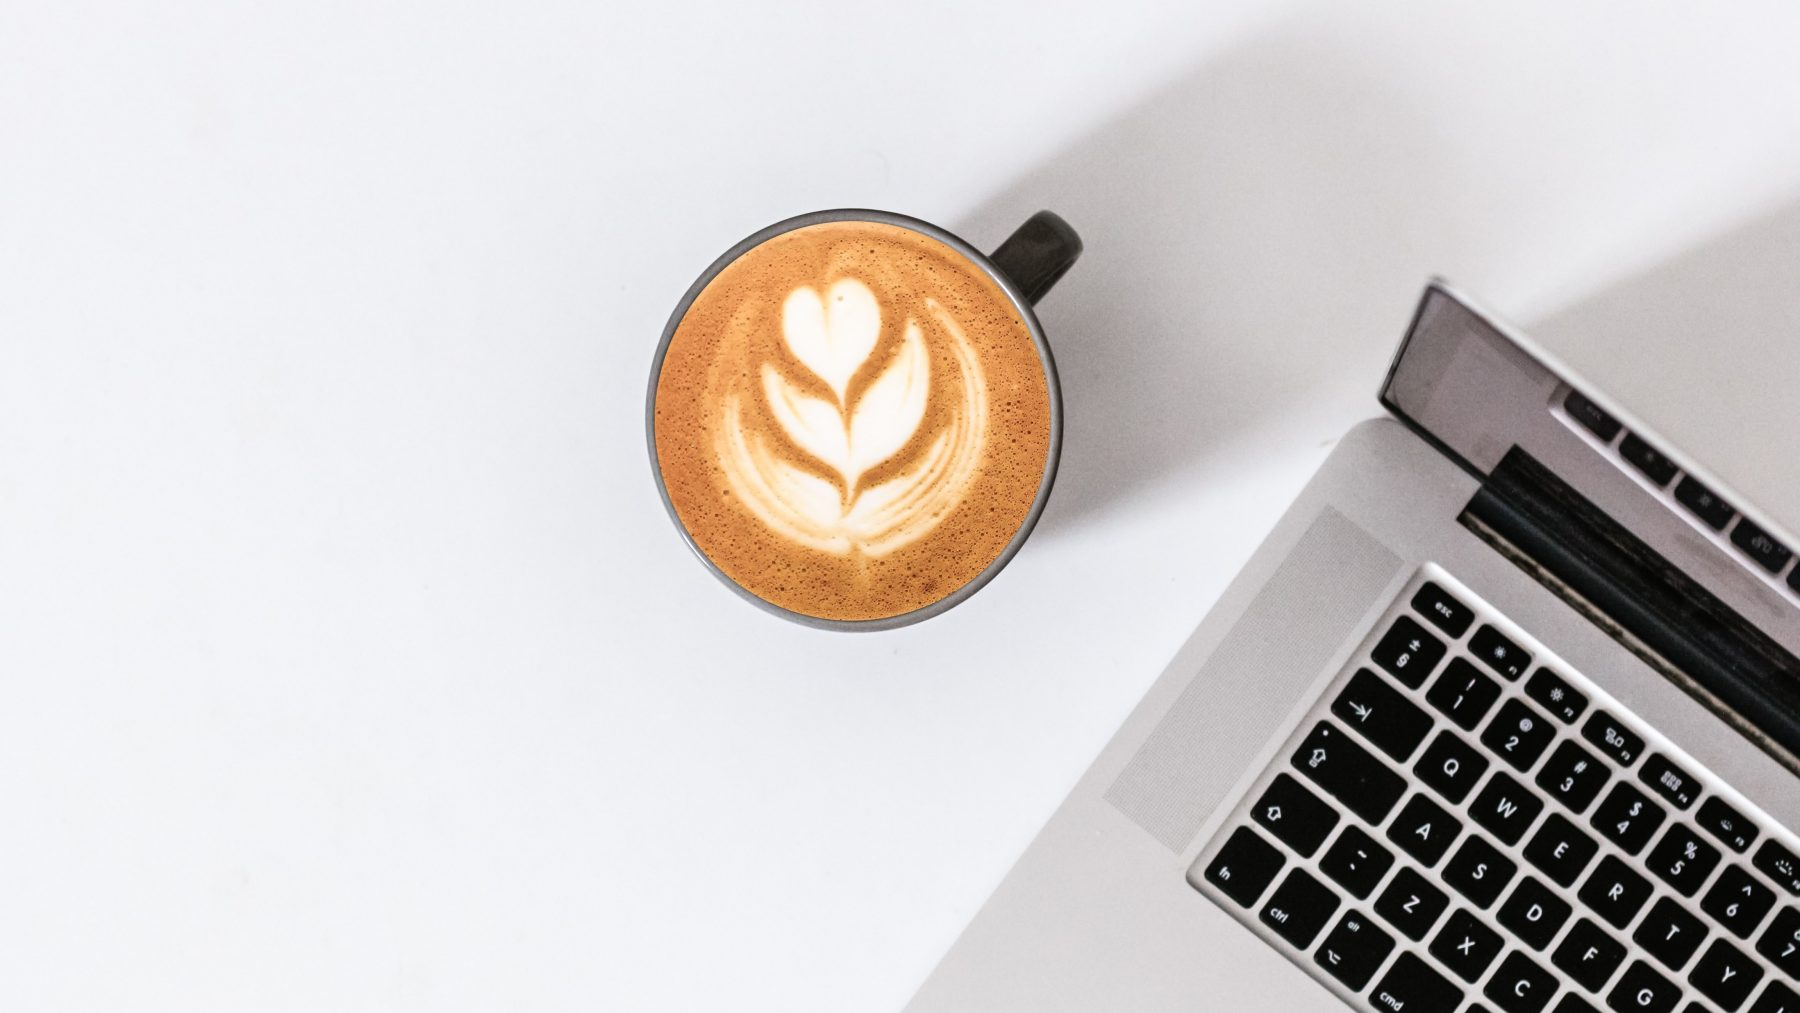 We drinken het ene kopje koffie na het andere, maar is dat wel zo goed?